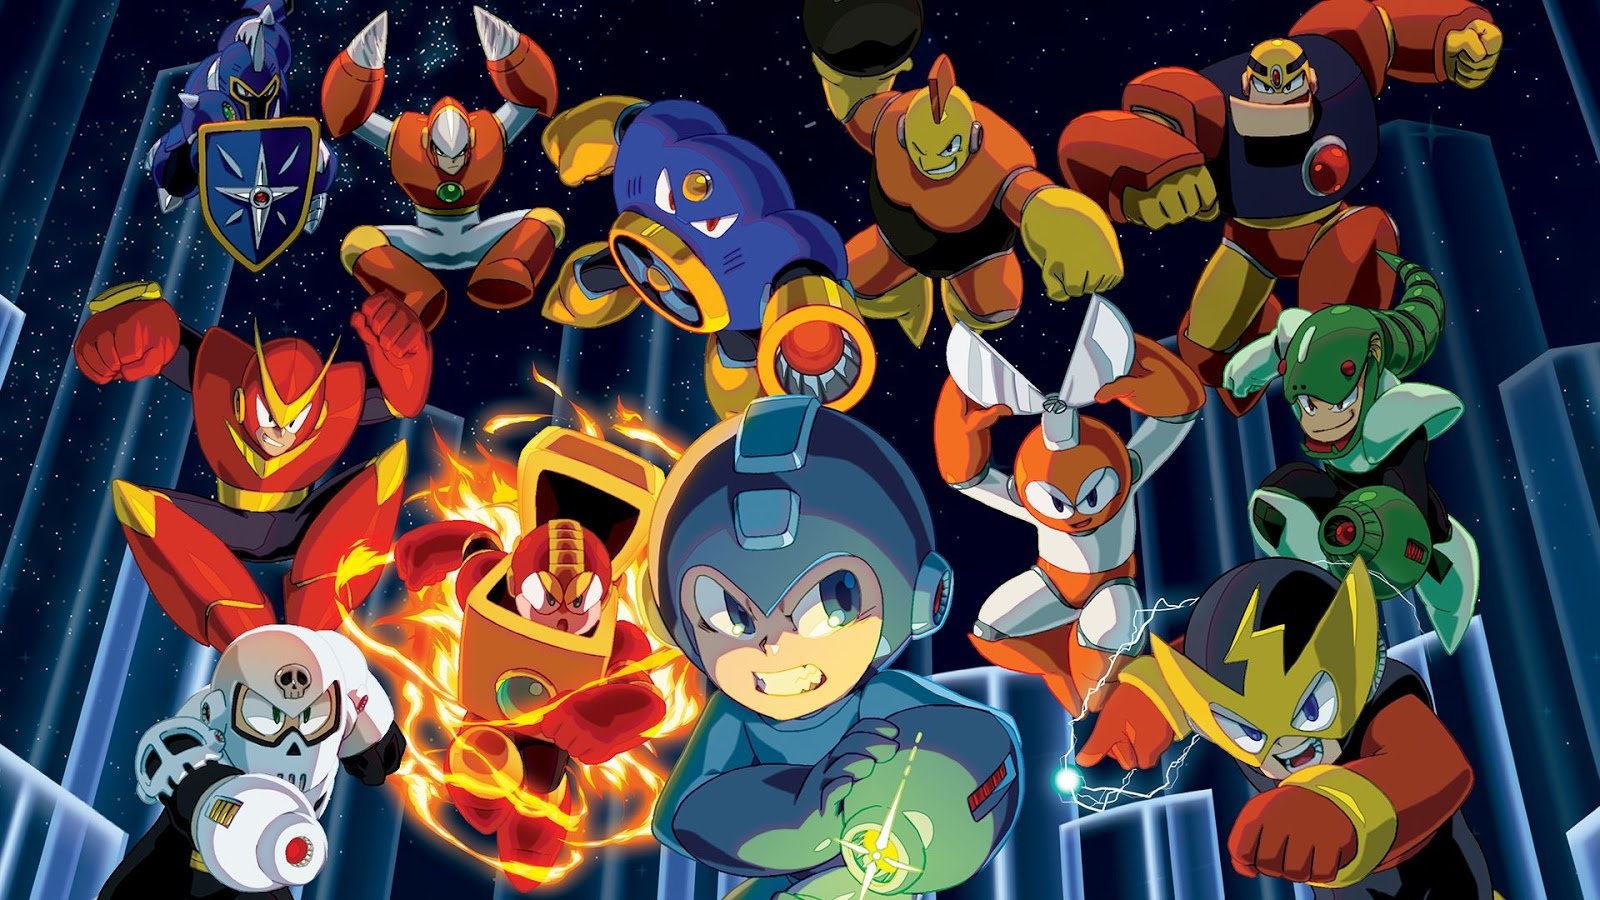 Novo Mega Man 11 é anunciado pela Capcom, confira o trailer